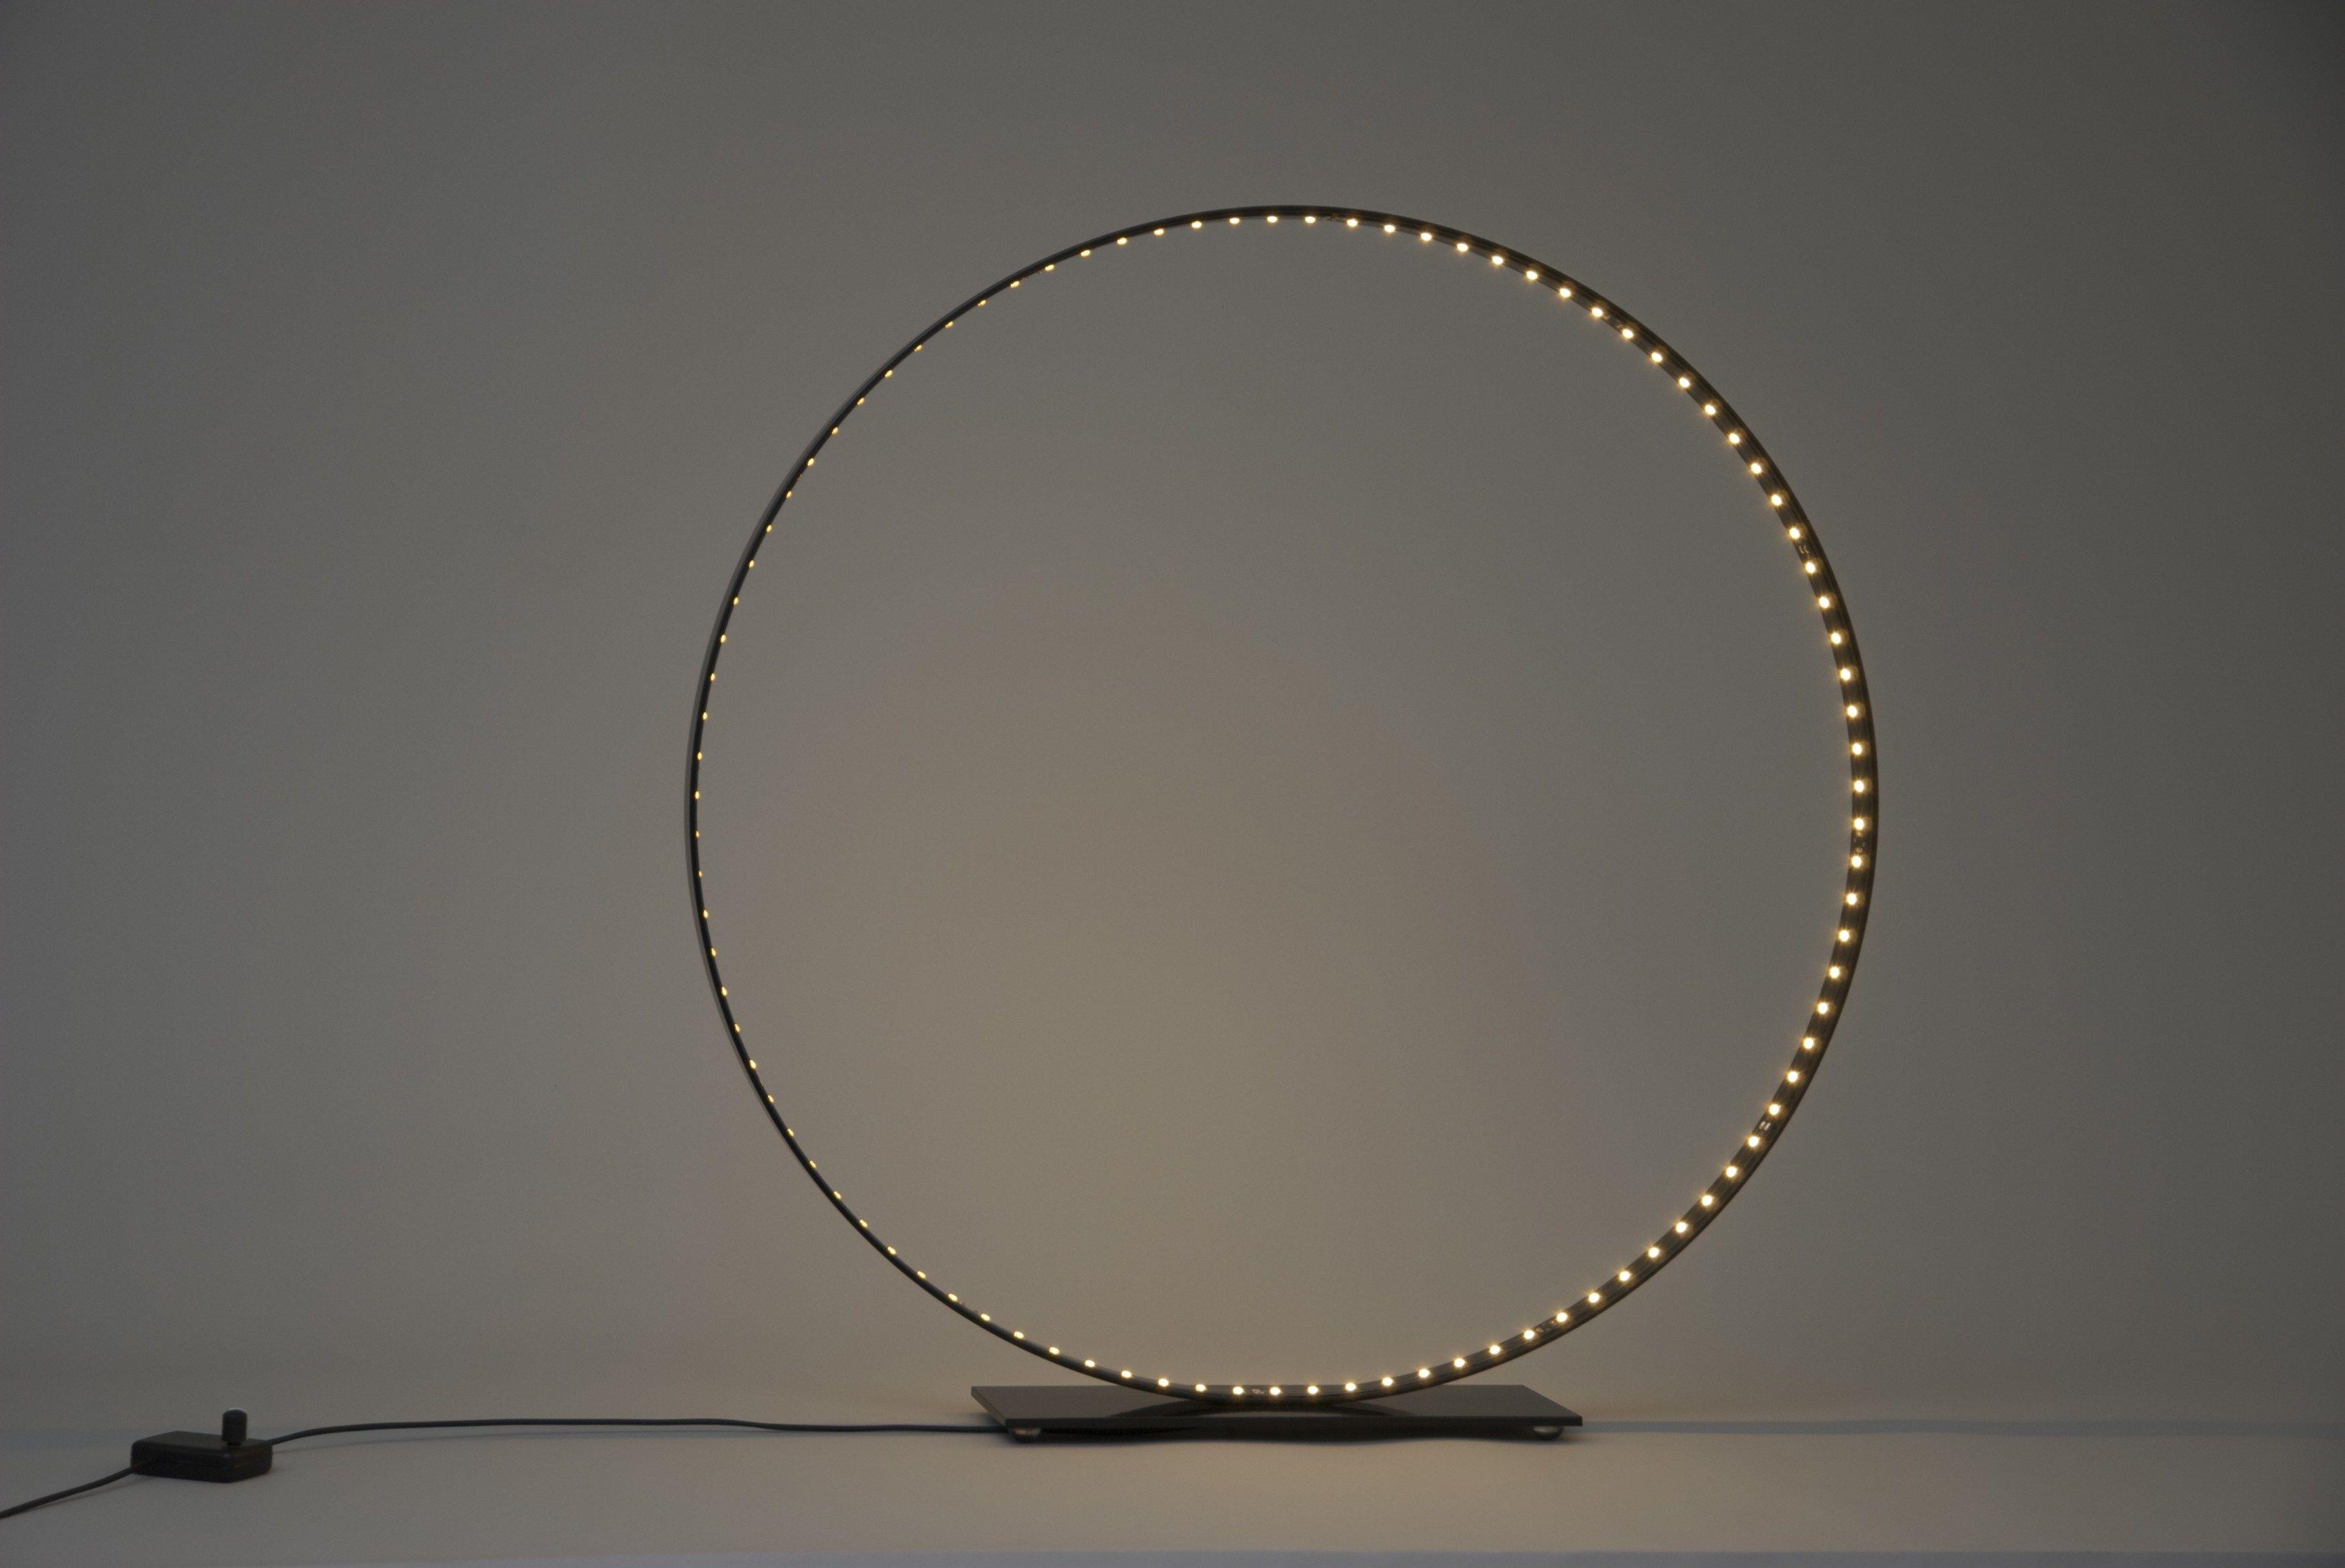 Lampe de table led pour clairage direct indirect classic 60 by le deun luminaires - Lampe cercle led ...